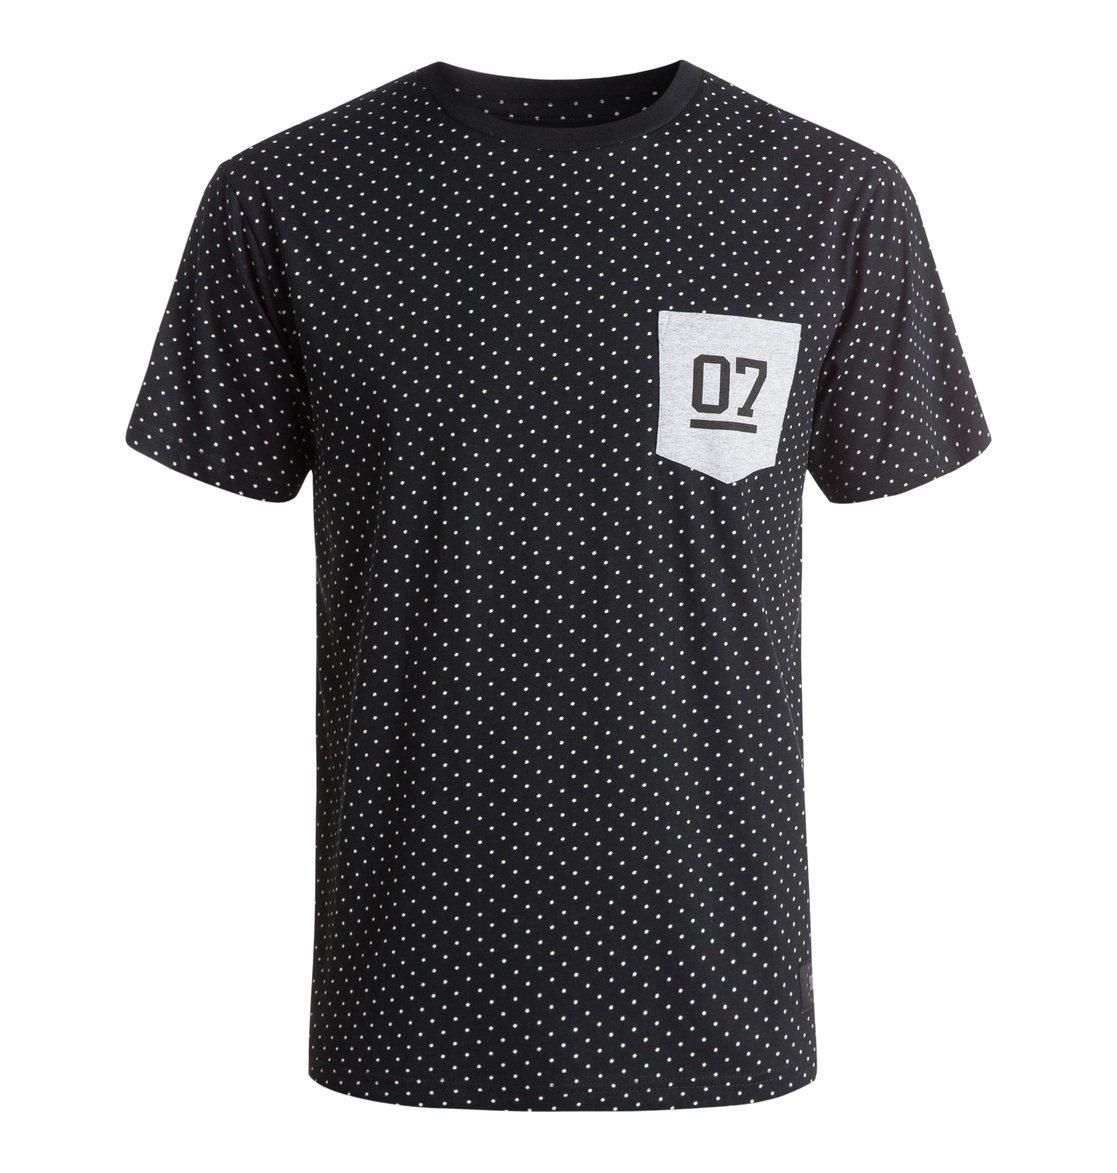 Kalis Star T-Shirt